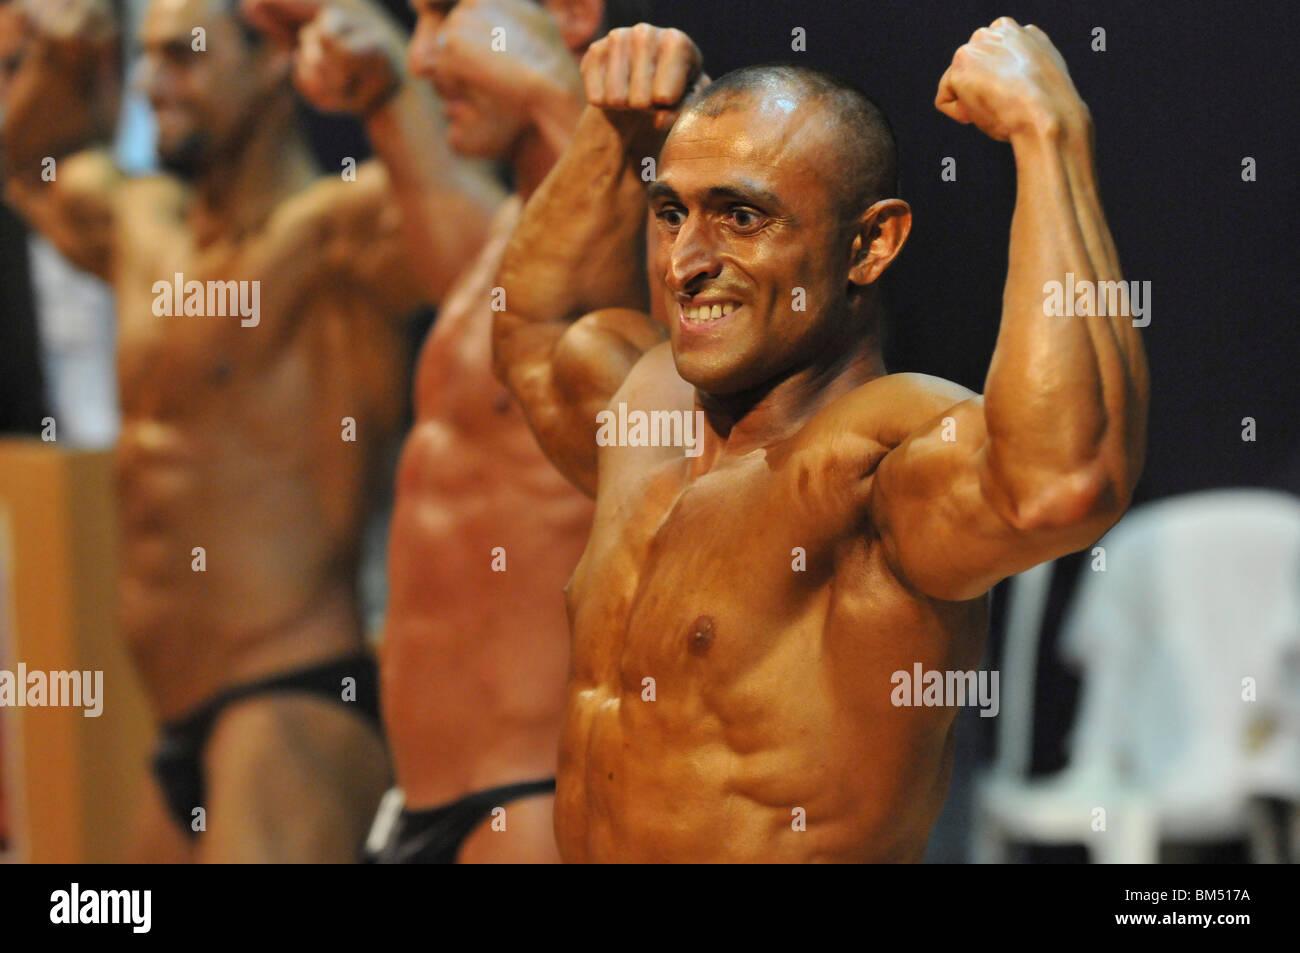 Israele, Bodybuilding regionale la concorrenza Immagini Stock